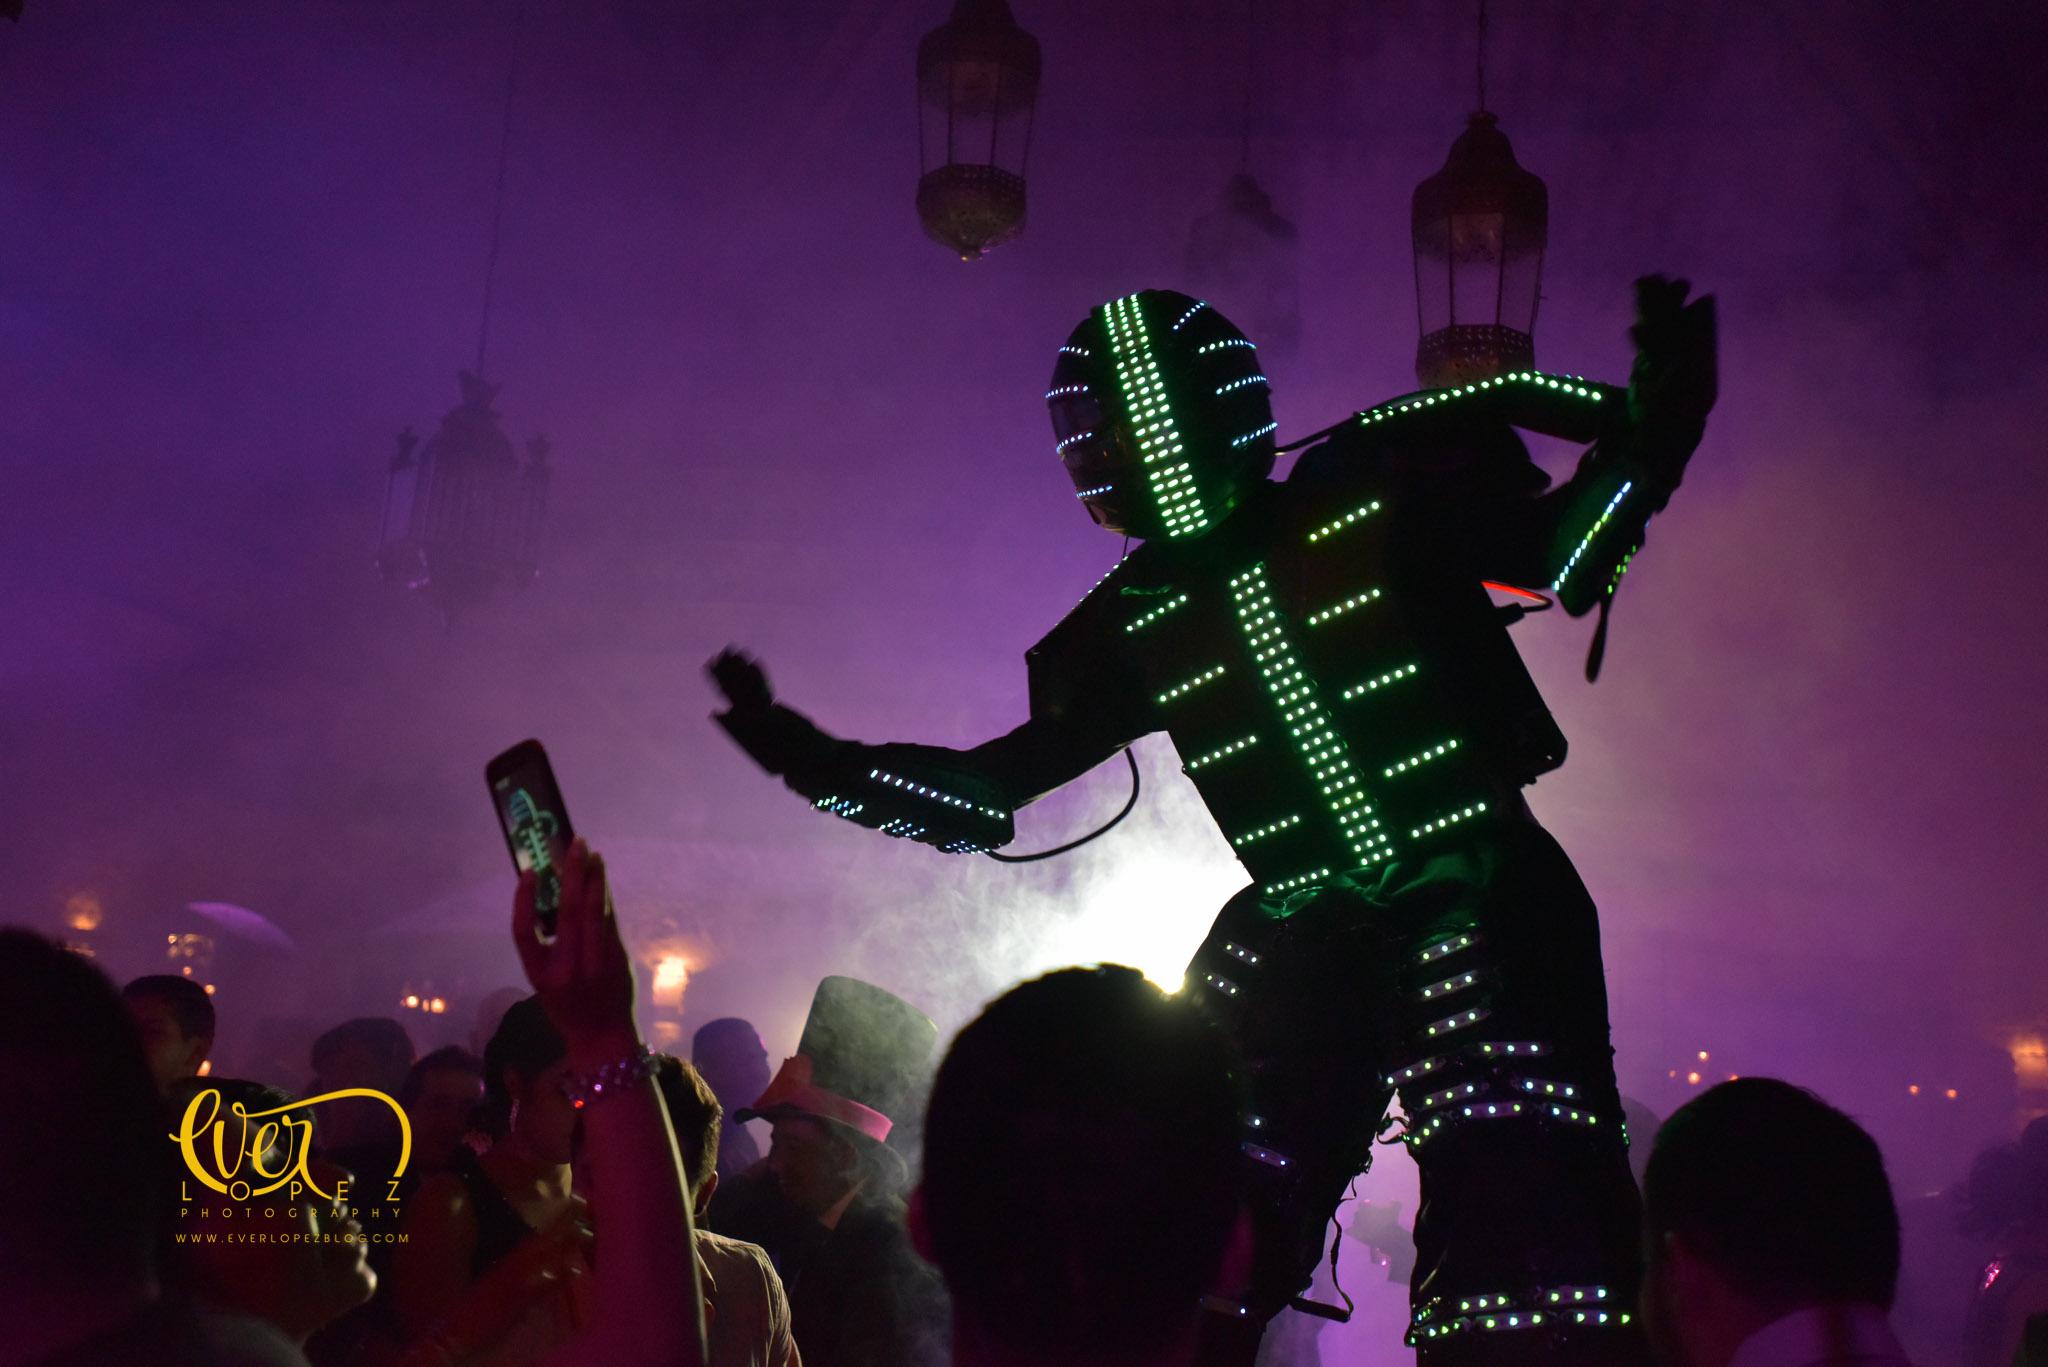 ConceptoX dj para bodas en Guadalajara, Ameca, Jalisco, Mexico, Iluminación